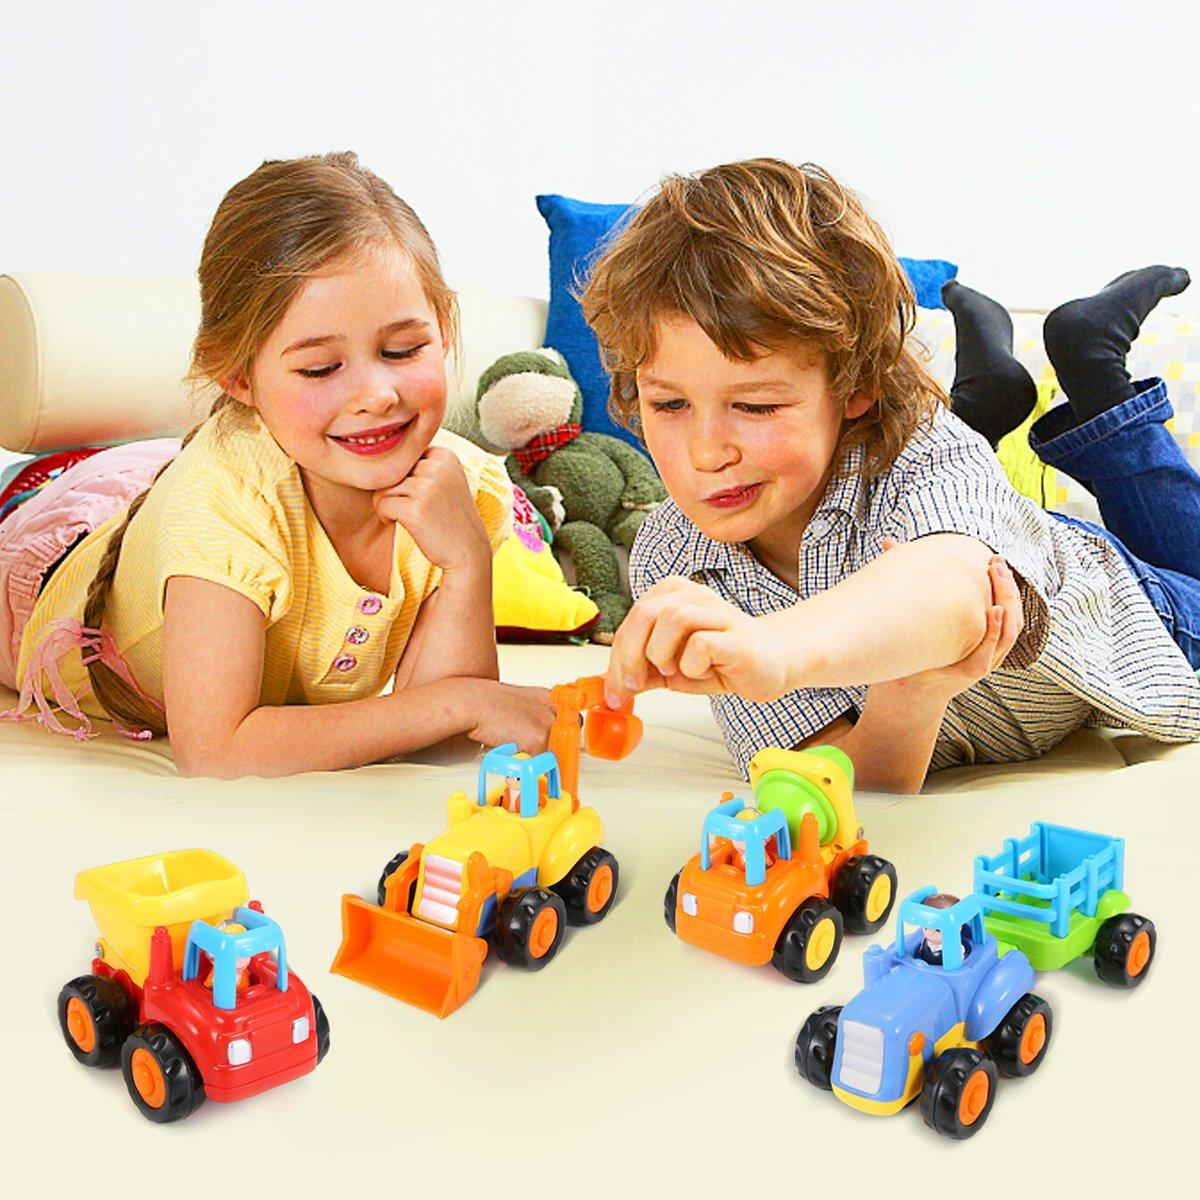 FUNTOK Jouet Voiture Push et Go Petite Voiture Enfant 4 V/éhicules /à friction Pour Gar/çons Filles